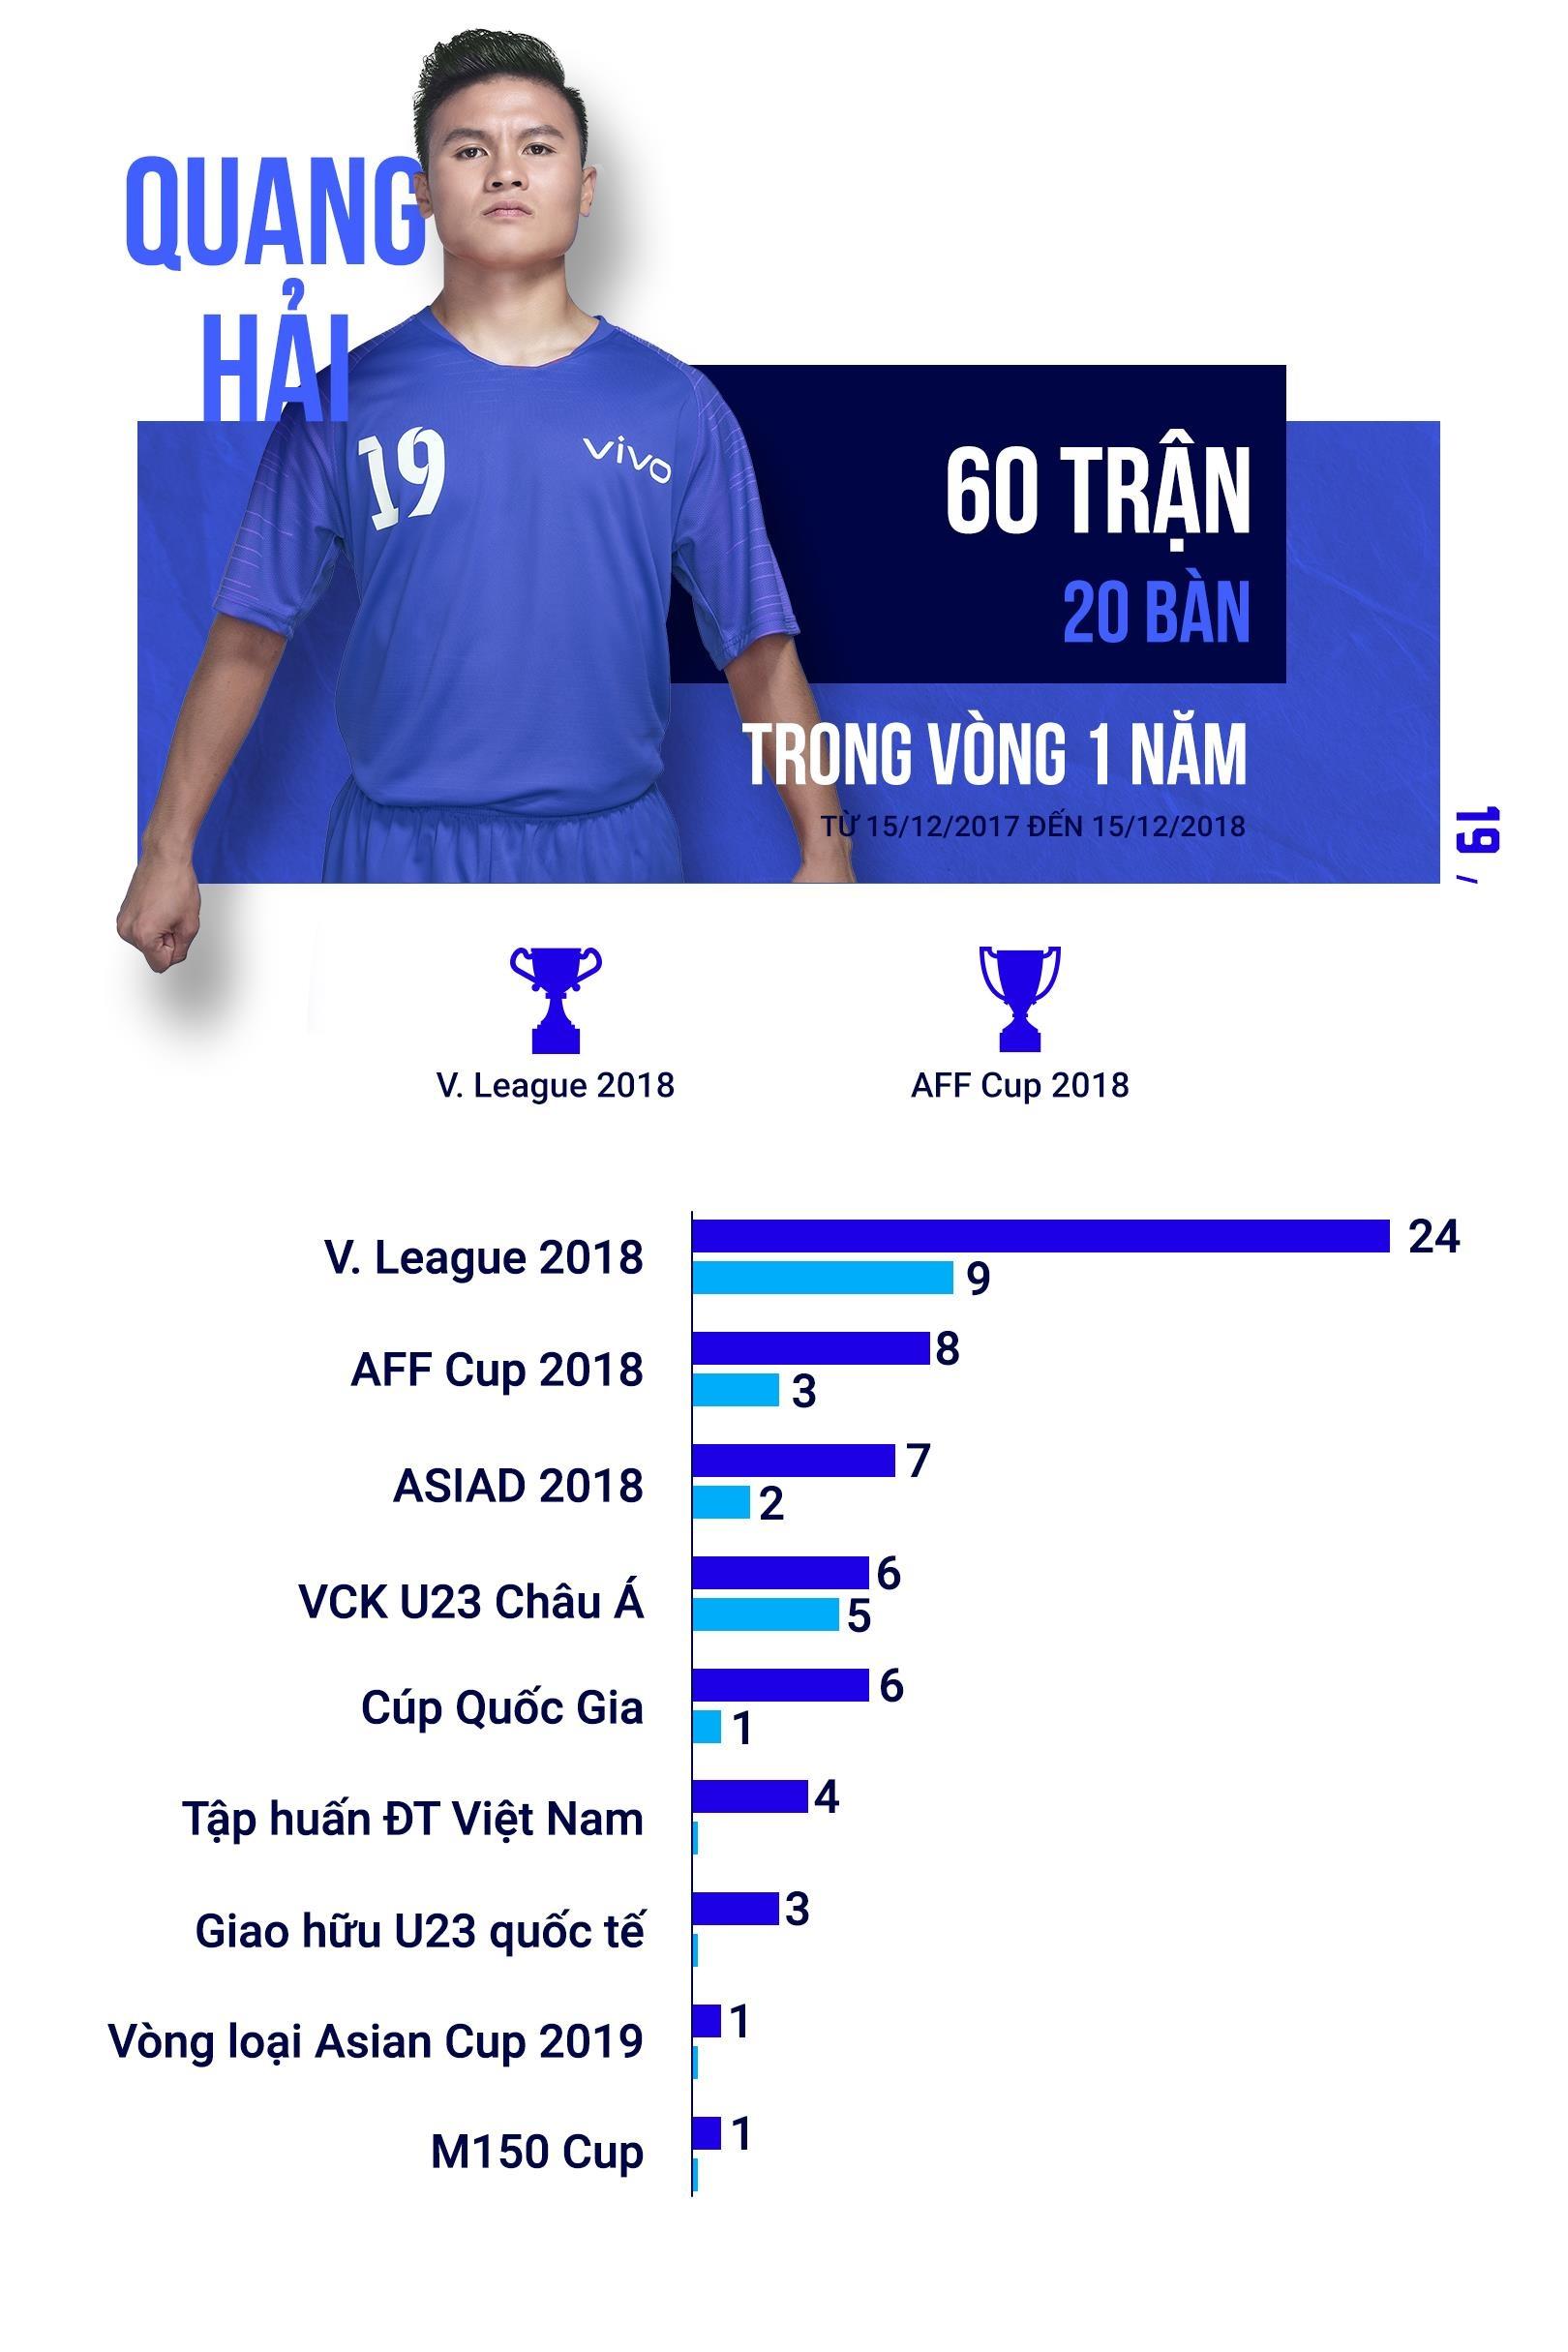 Quang Hai va no luc khong lo sau duong bong 'cau vong' hinh anh 5